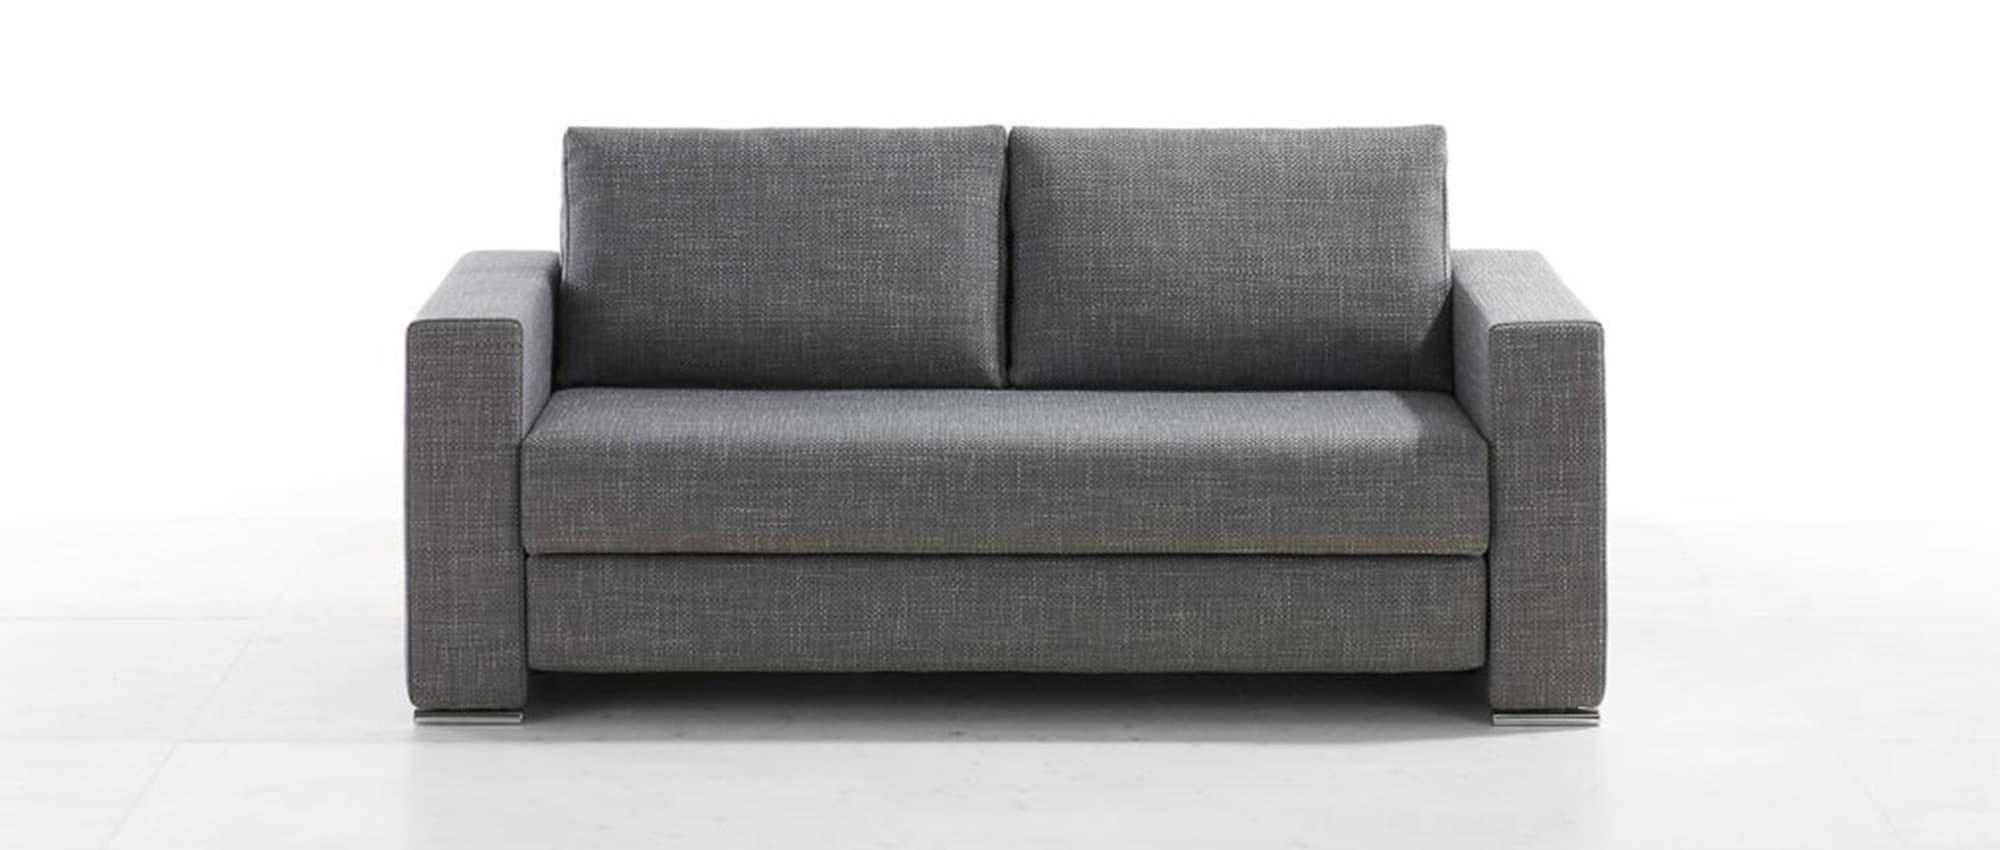 loop schlafsofa und sessel franz fertig hersteller. Black Bedroom Furniture Sets. Home Design Ideas